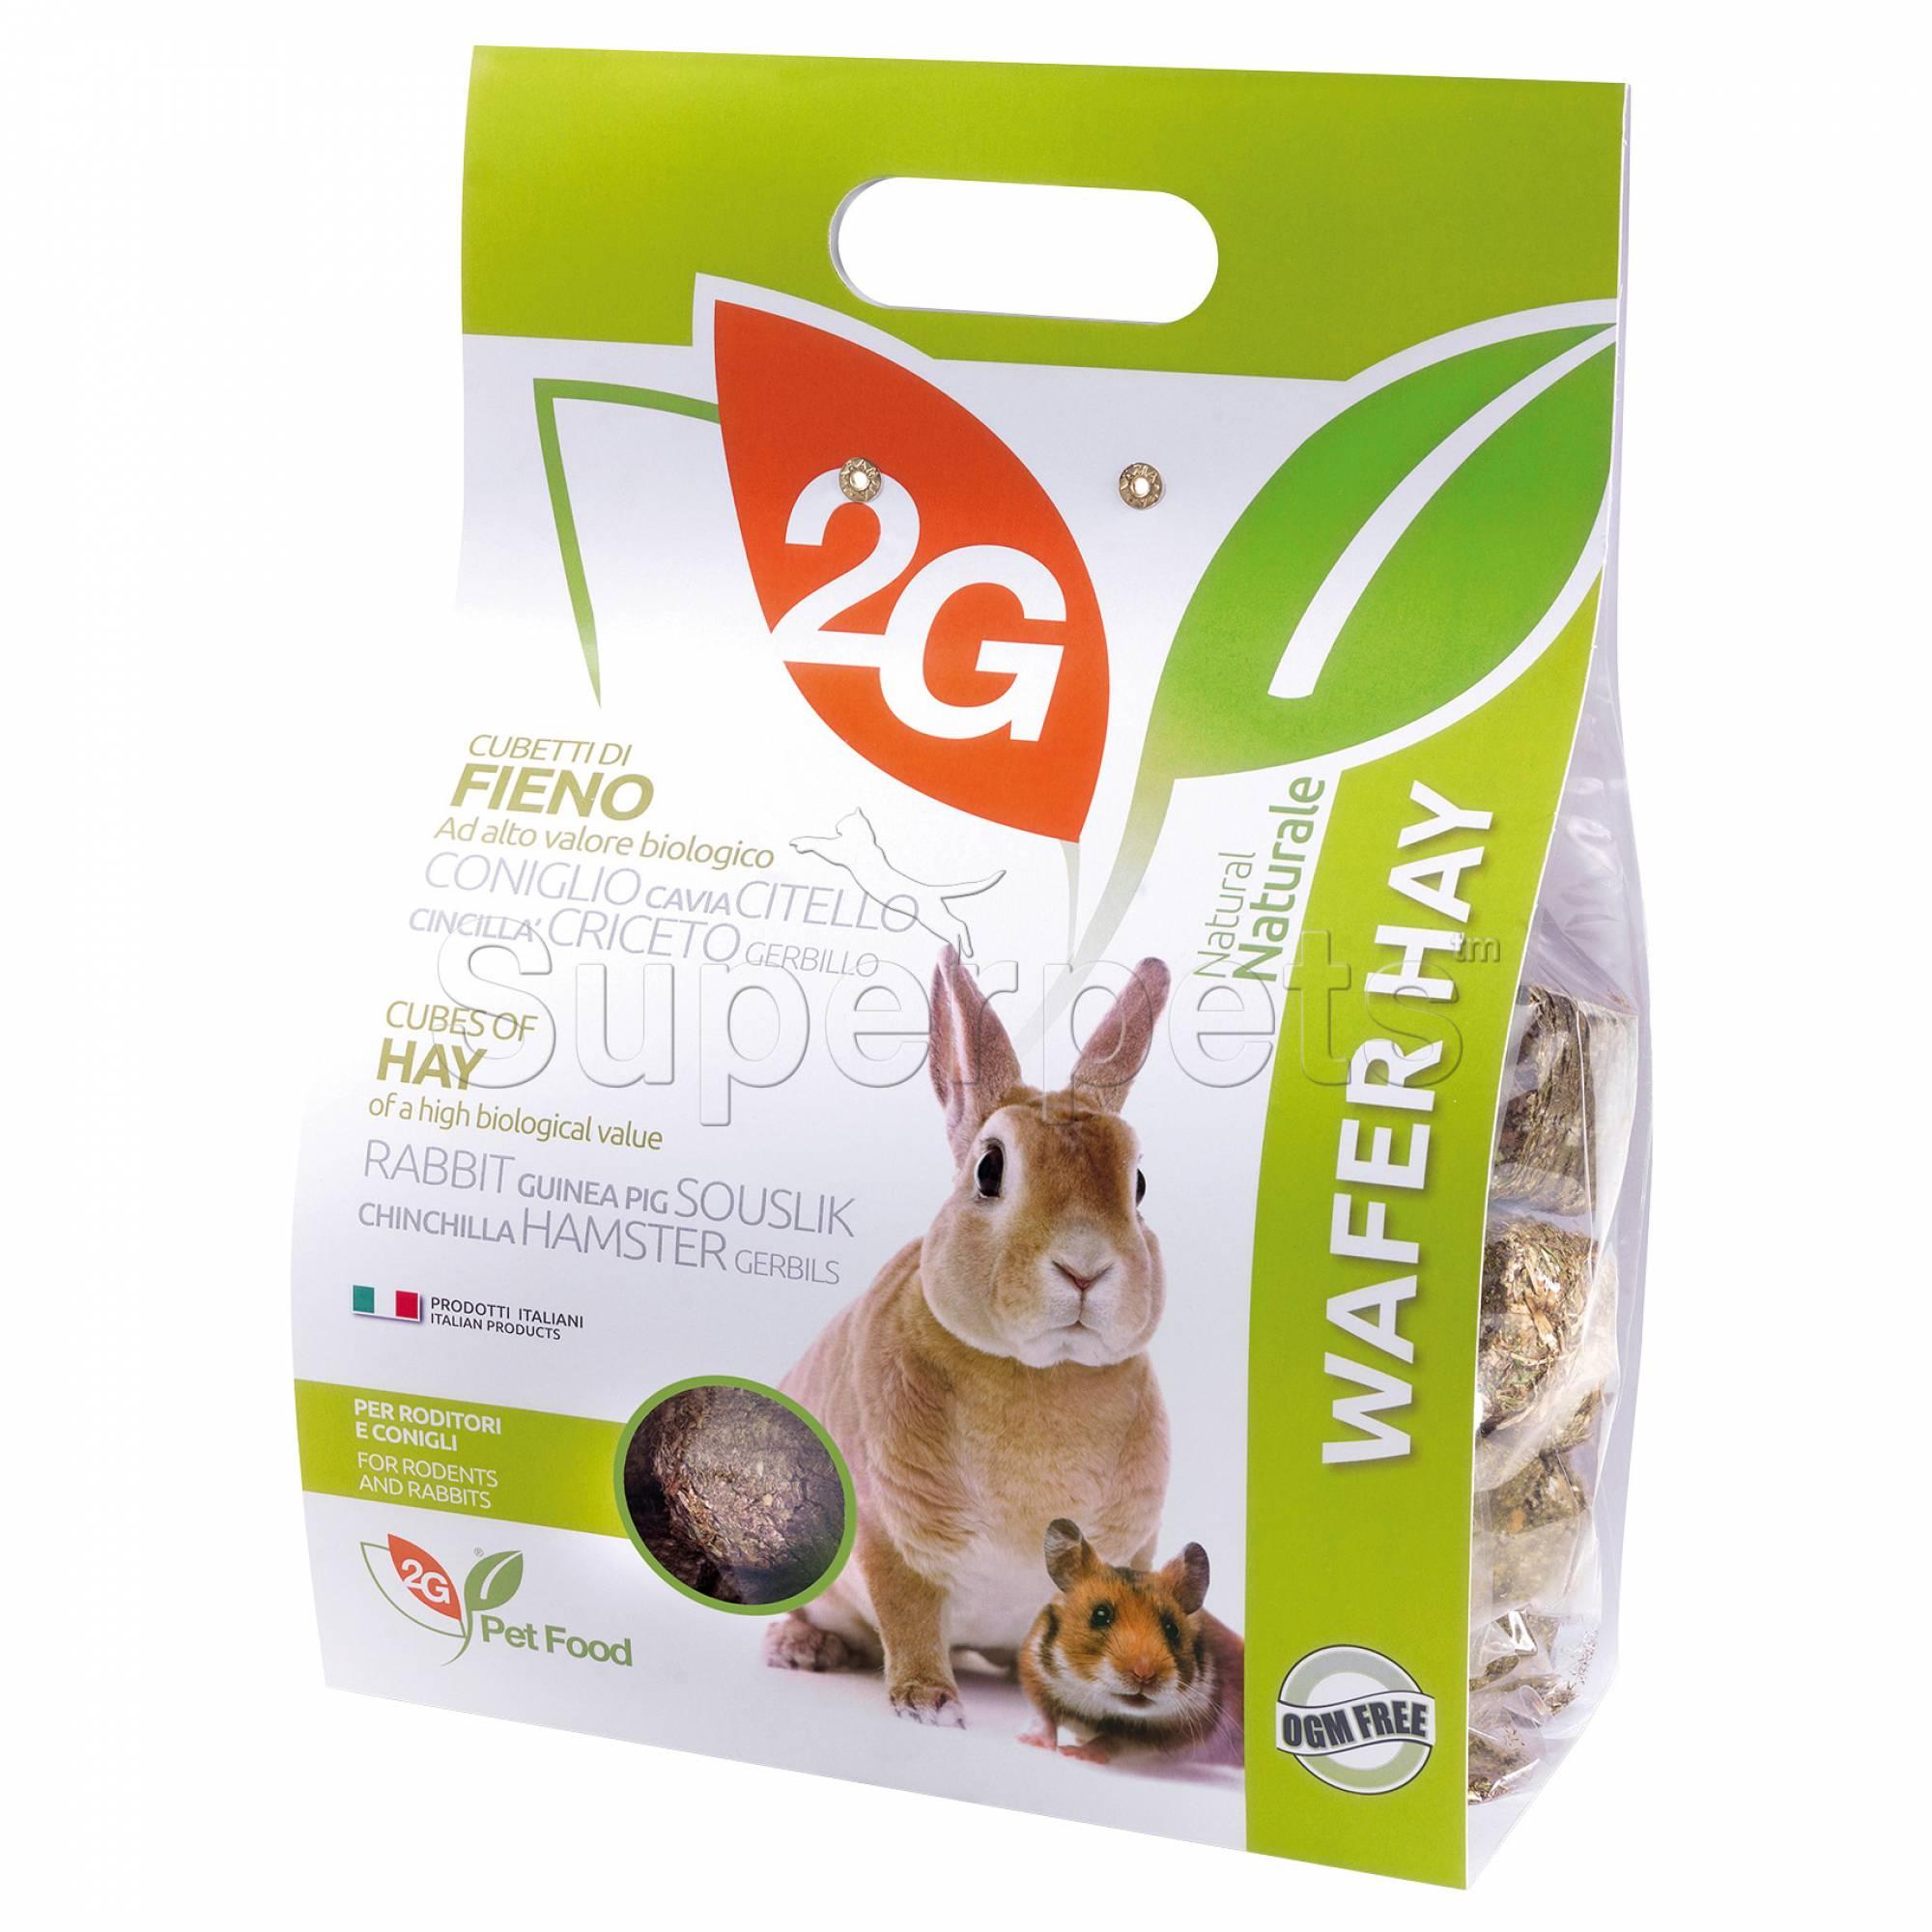 2G Pet Food - Wafer Hay 2kg